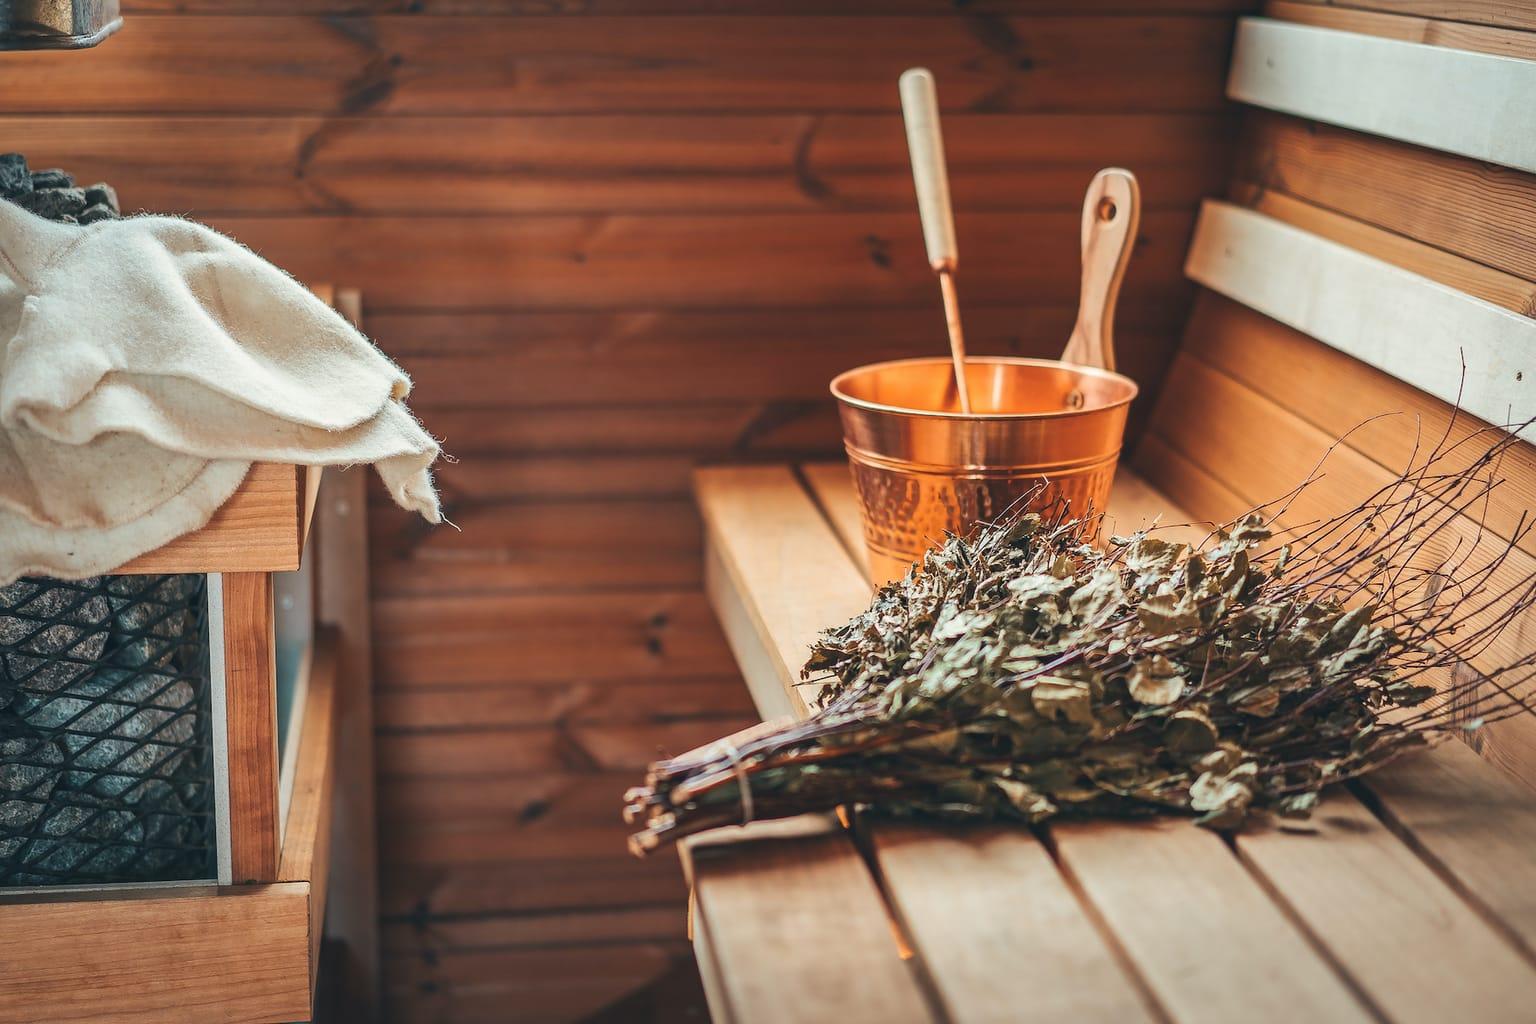 Apparaturen voor een opgieting in een Duitse sauna